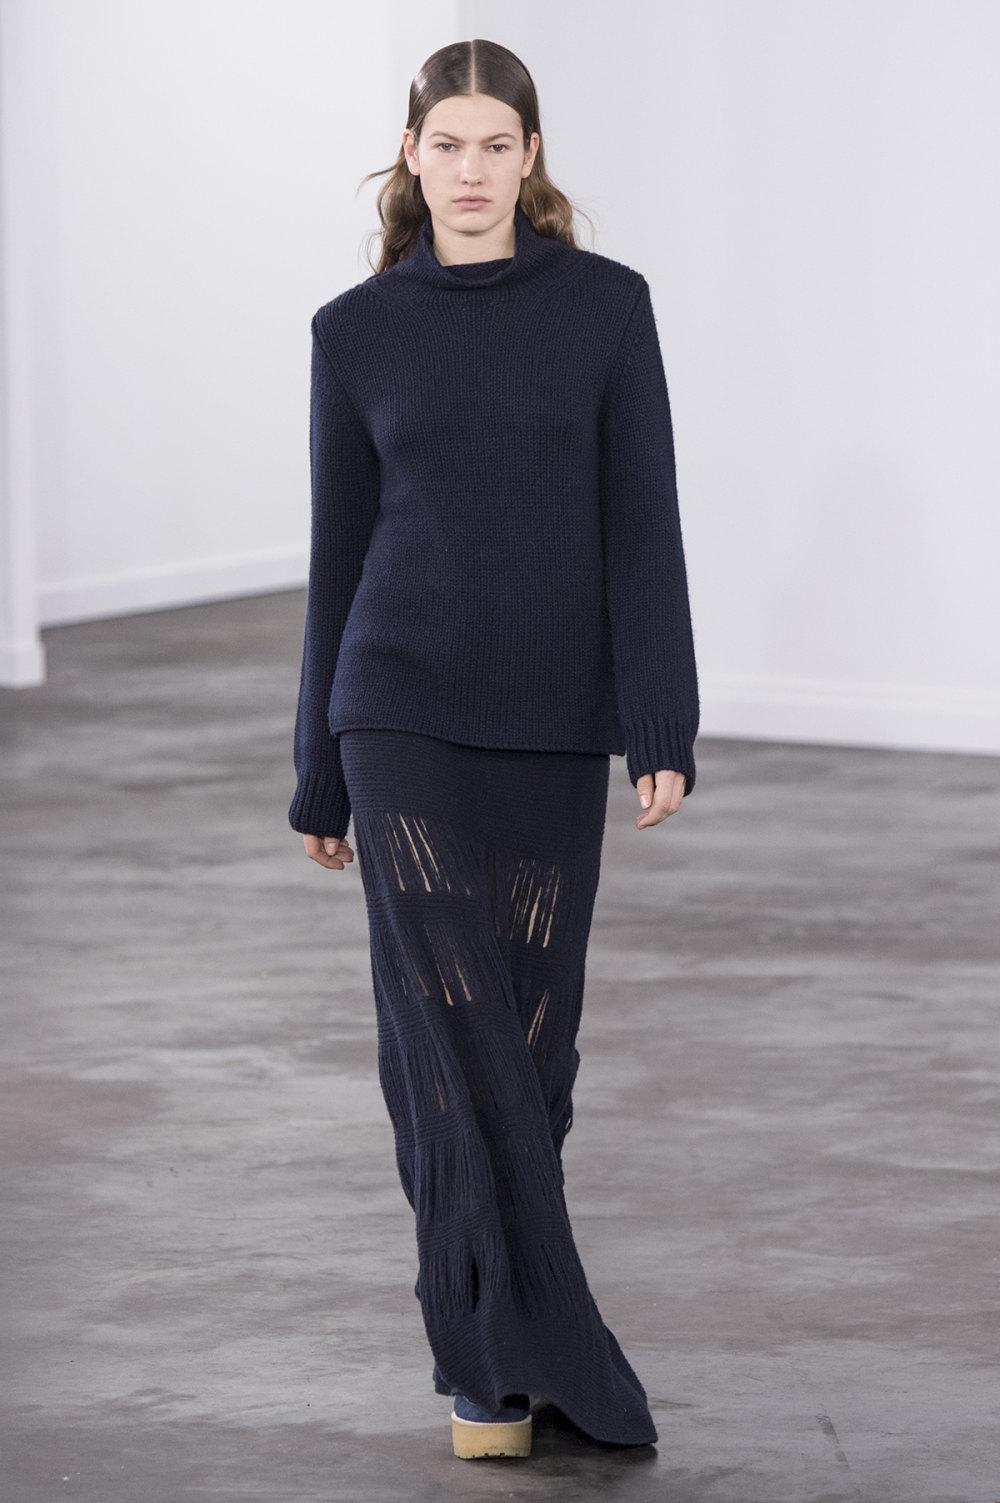 Gabriela Hearst时装系列细条纹西装和宽大毛衣之间形成鲜明对比-23.jpg